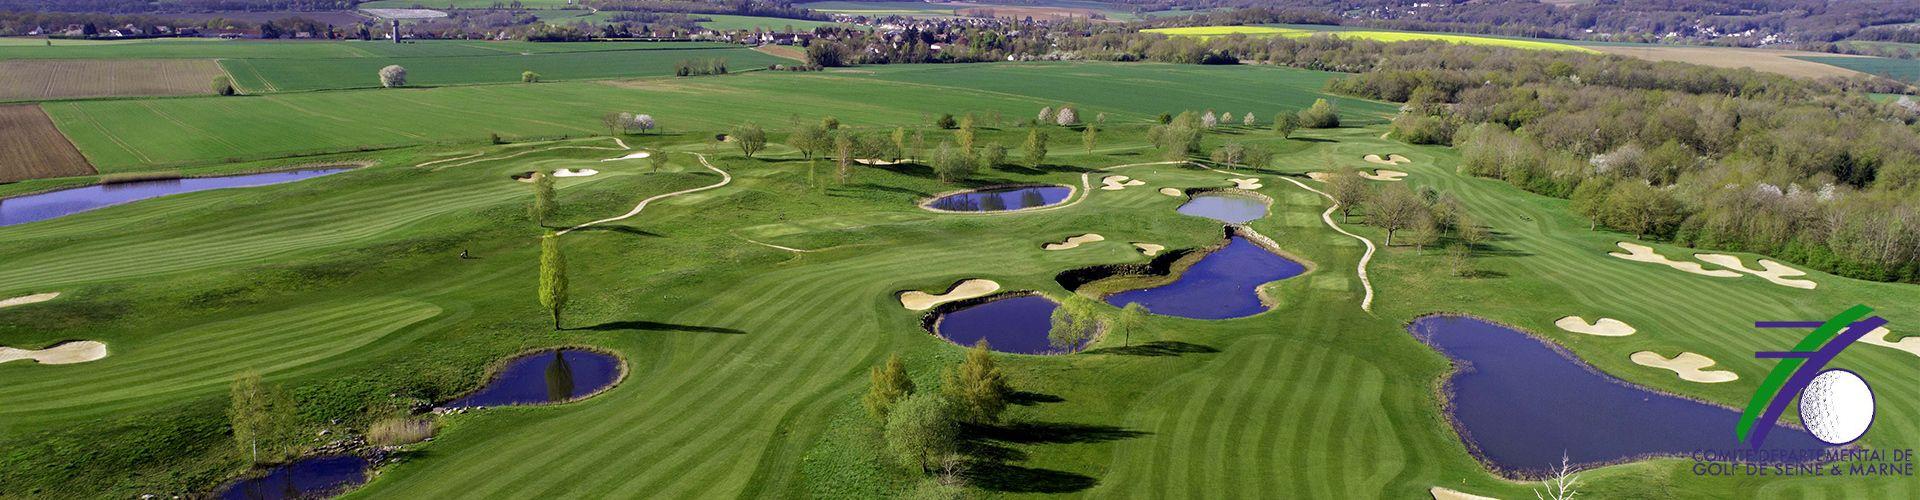 Règles de Golf en 2019